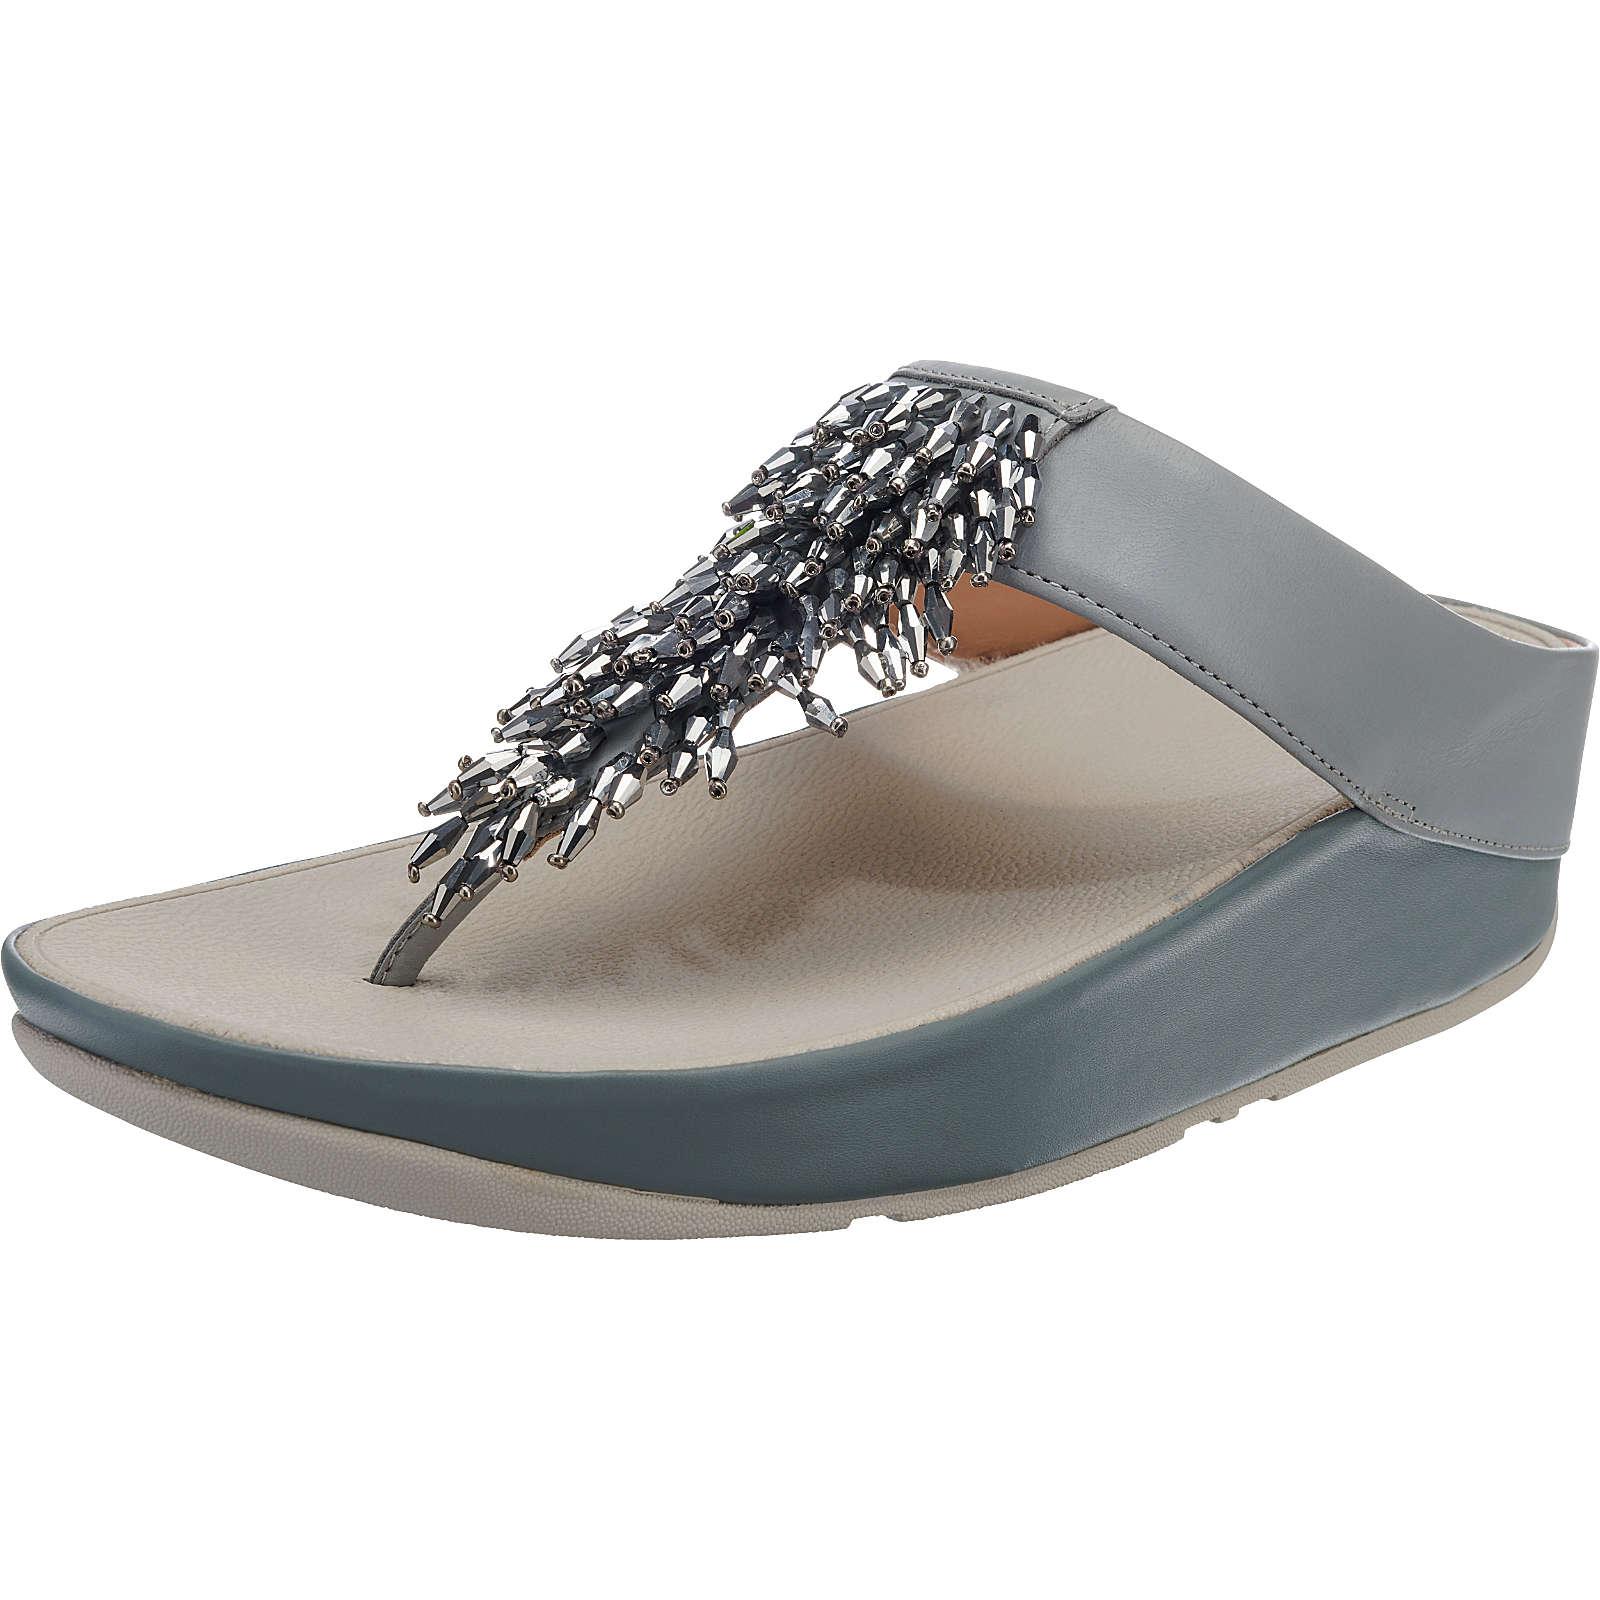 FitFlop RUMBA Komfort-Sandalen hellblau Damen Gr. 39